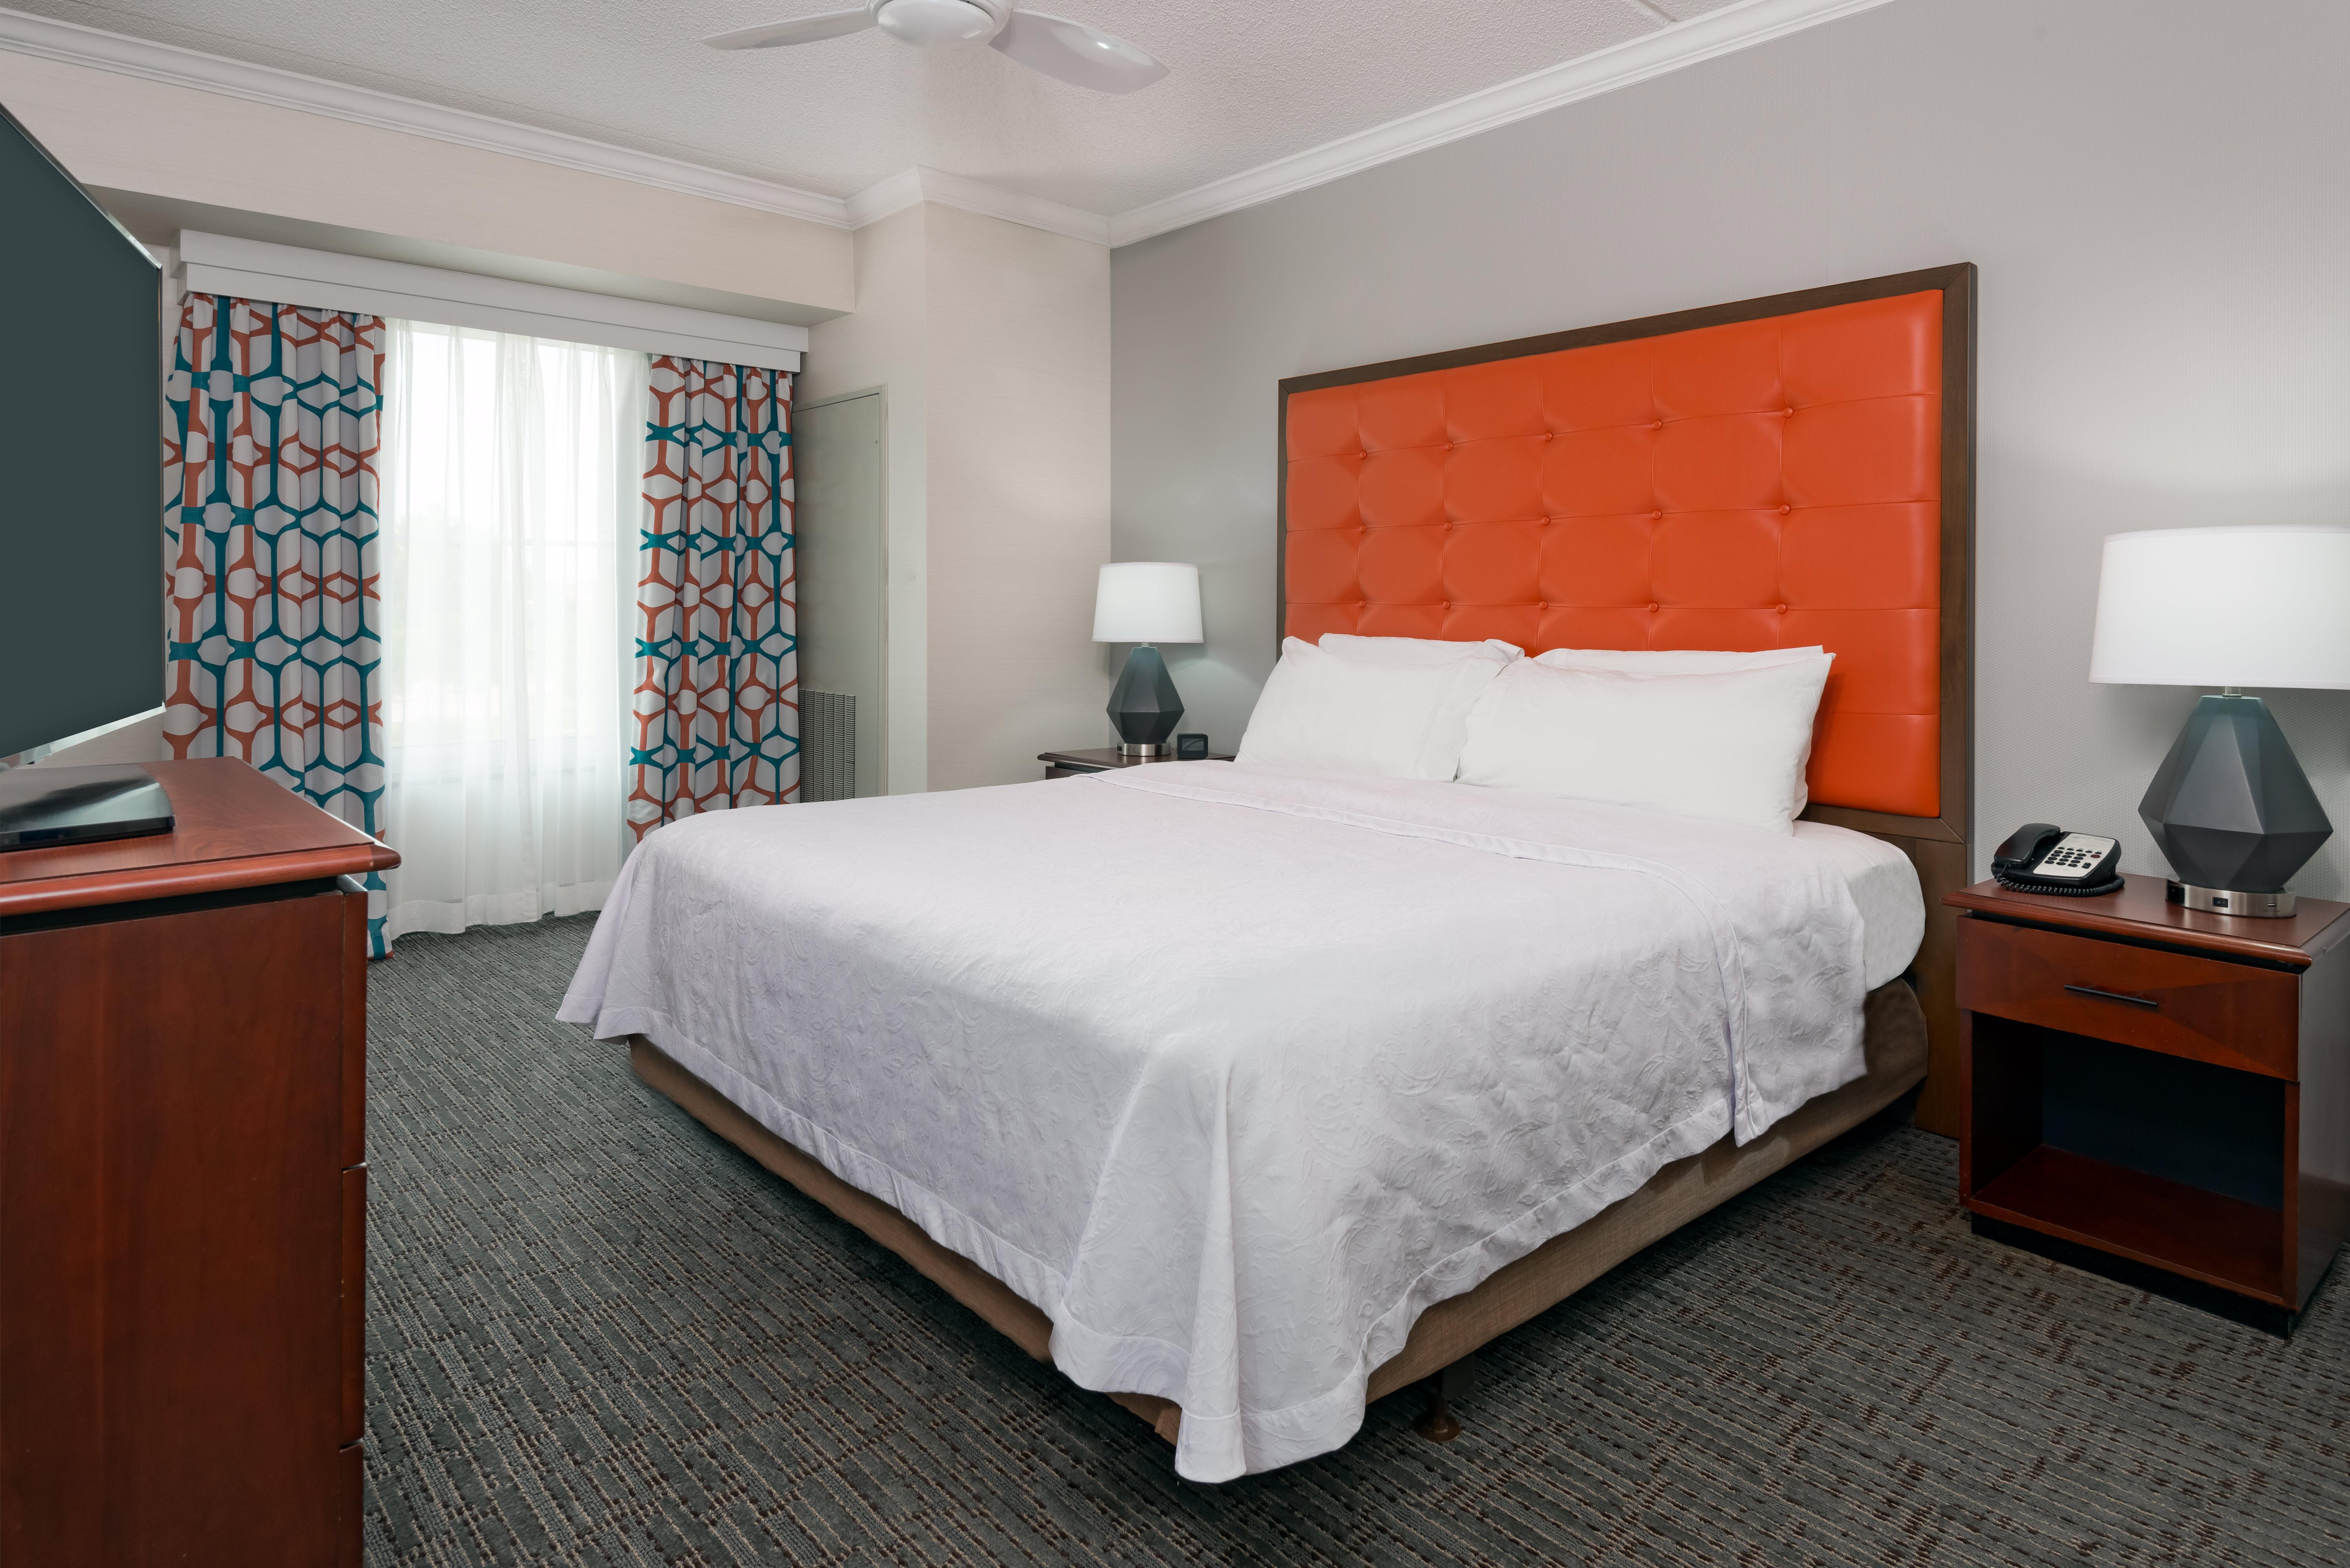 Homewood Suites by Hilton Cleveland-Beachwood image 10